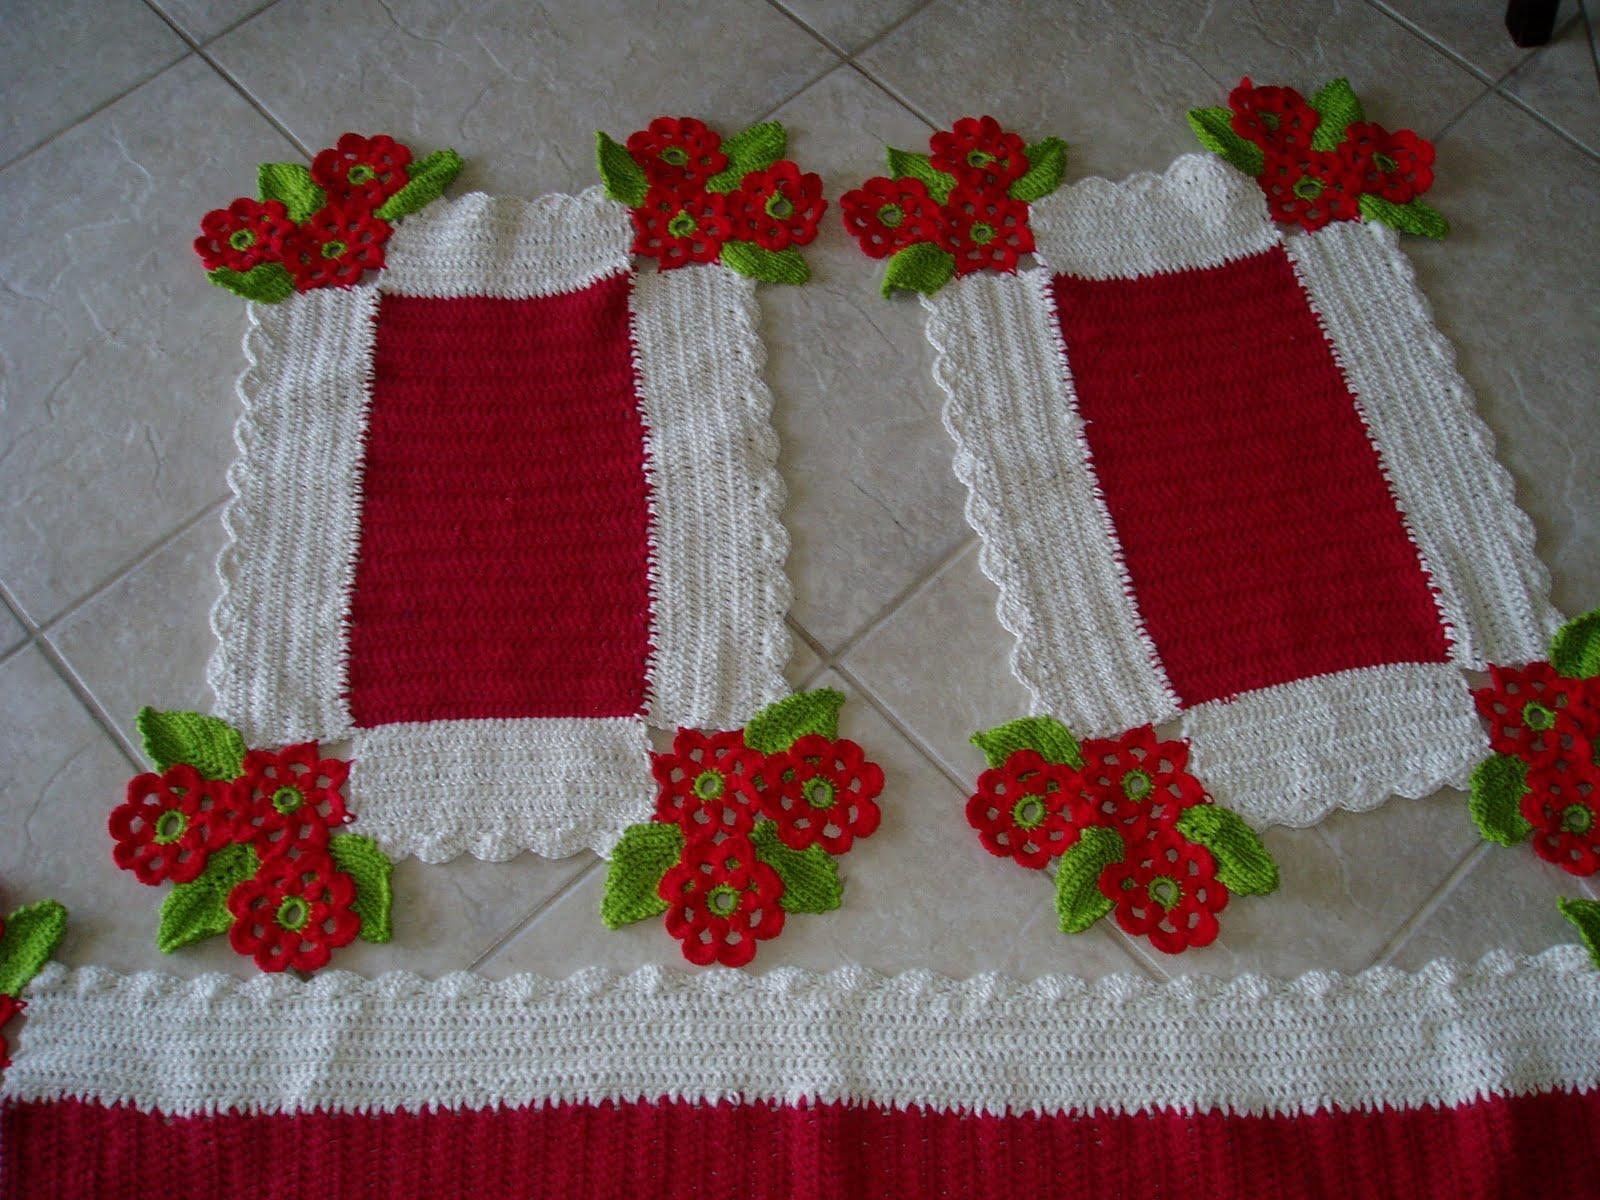 jogo de cozinha em croche 3 amores vermelho